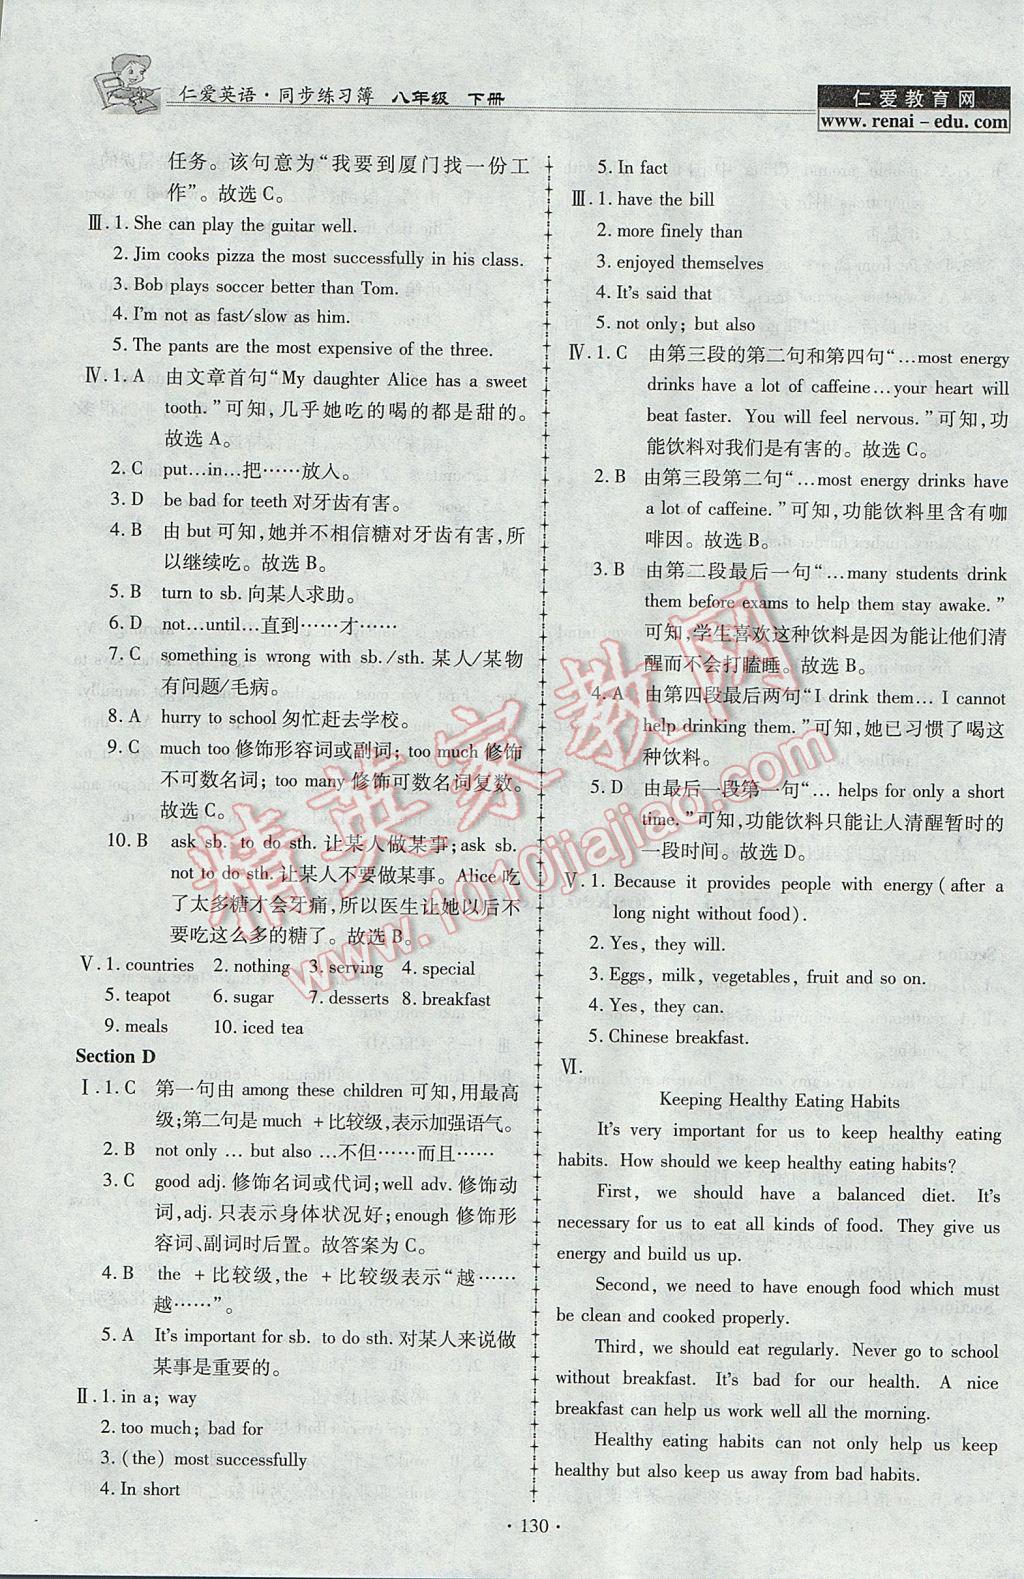 2017年仁爱英语同步练习薄八年级下册参考答案第18页